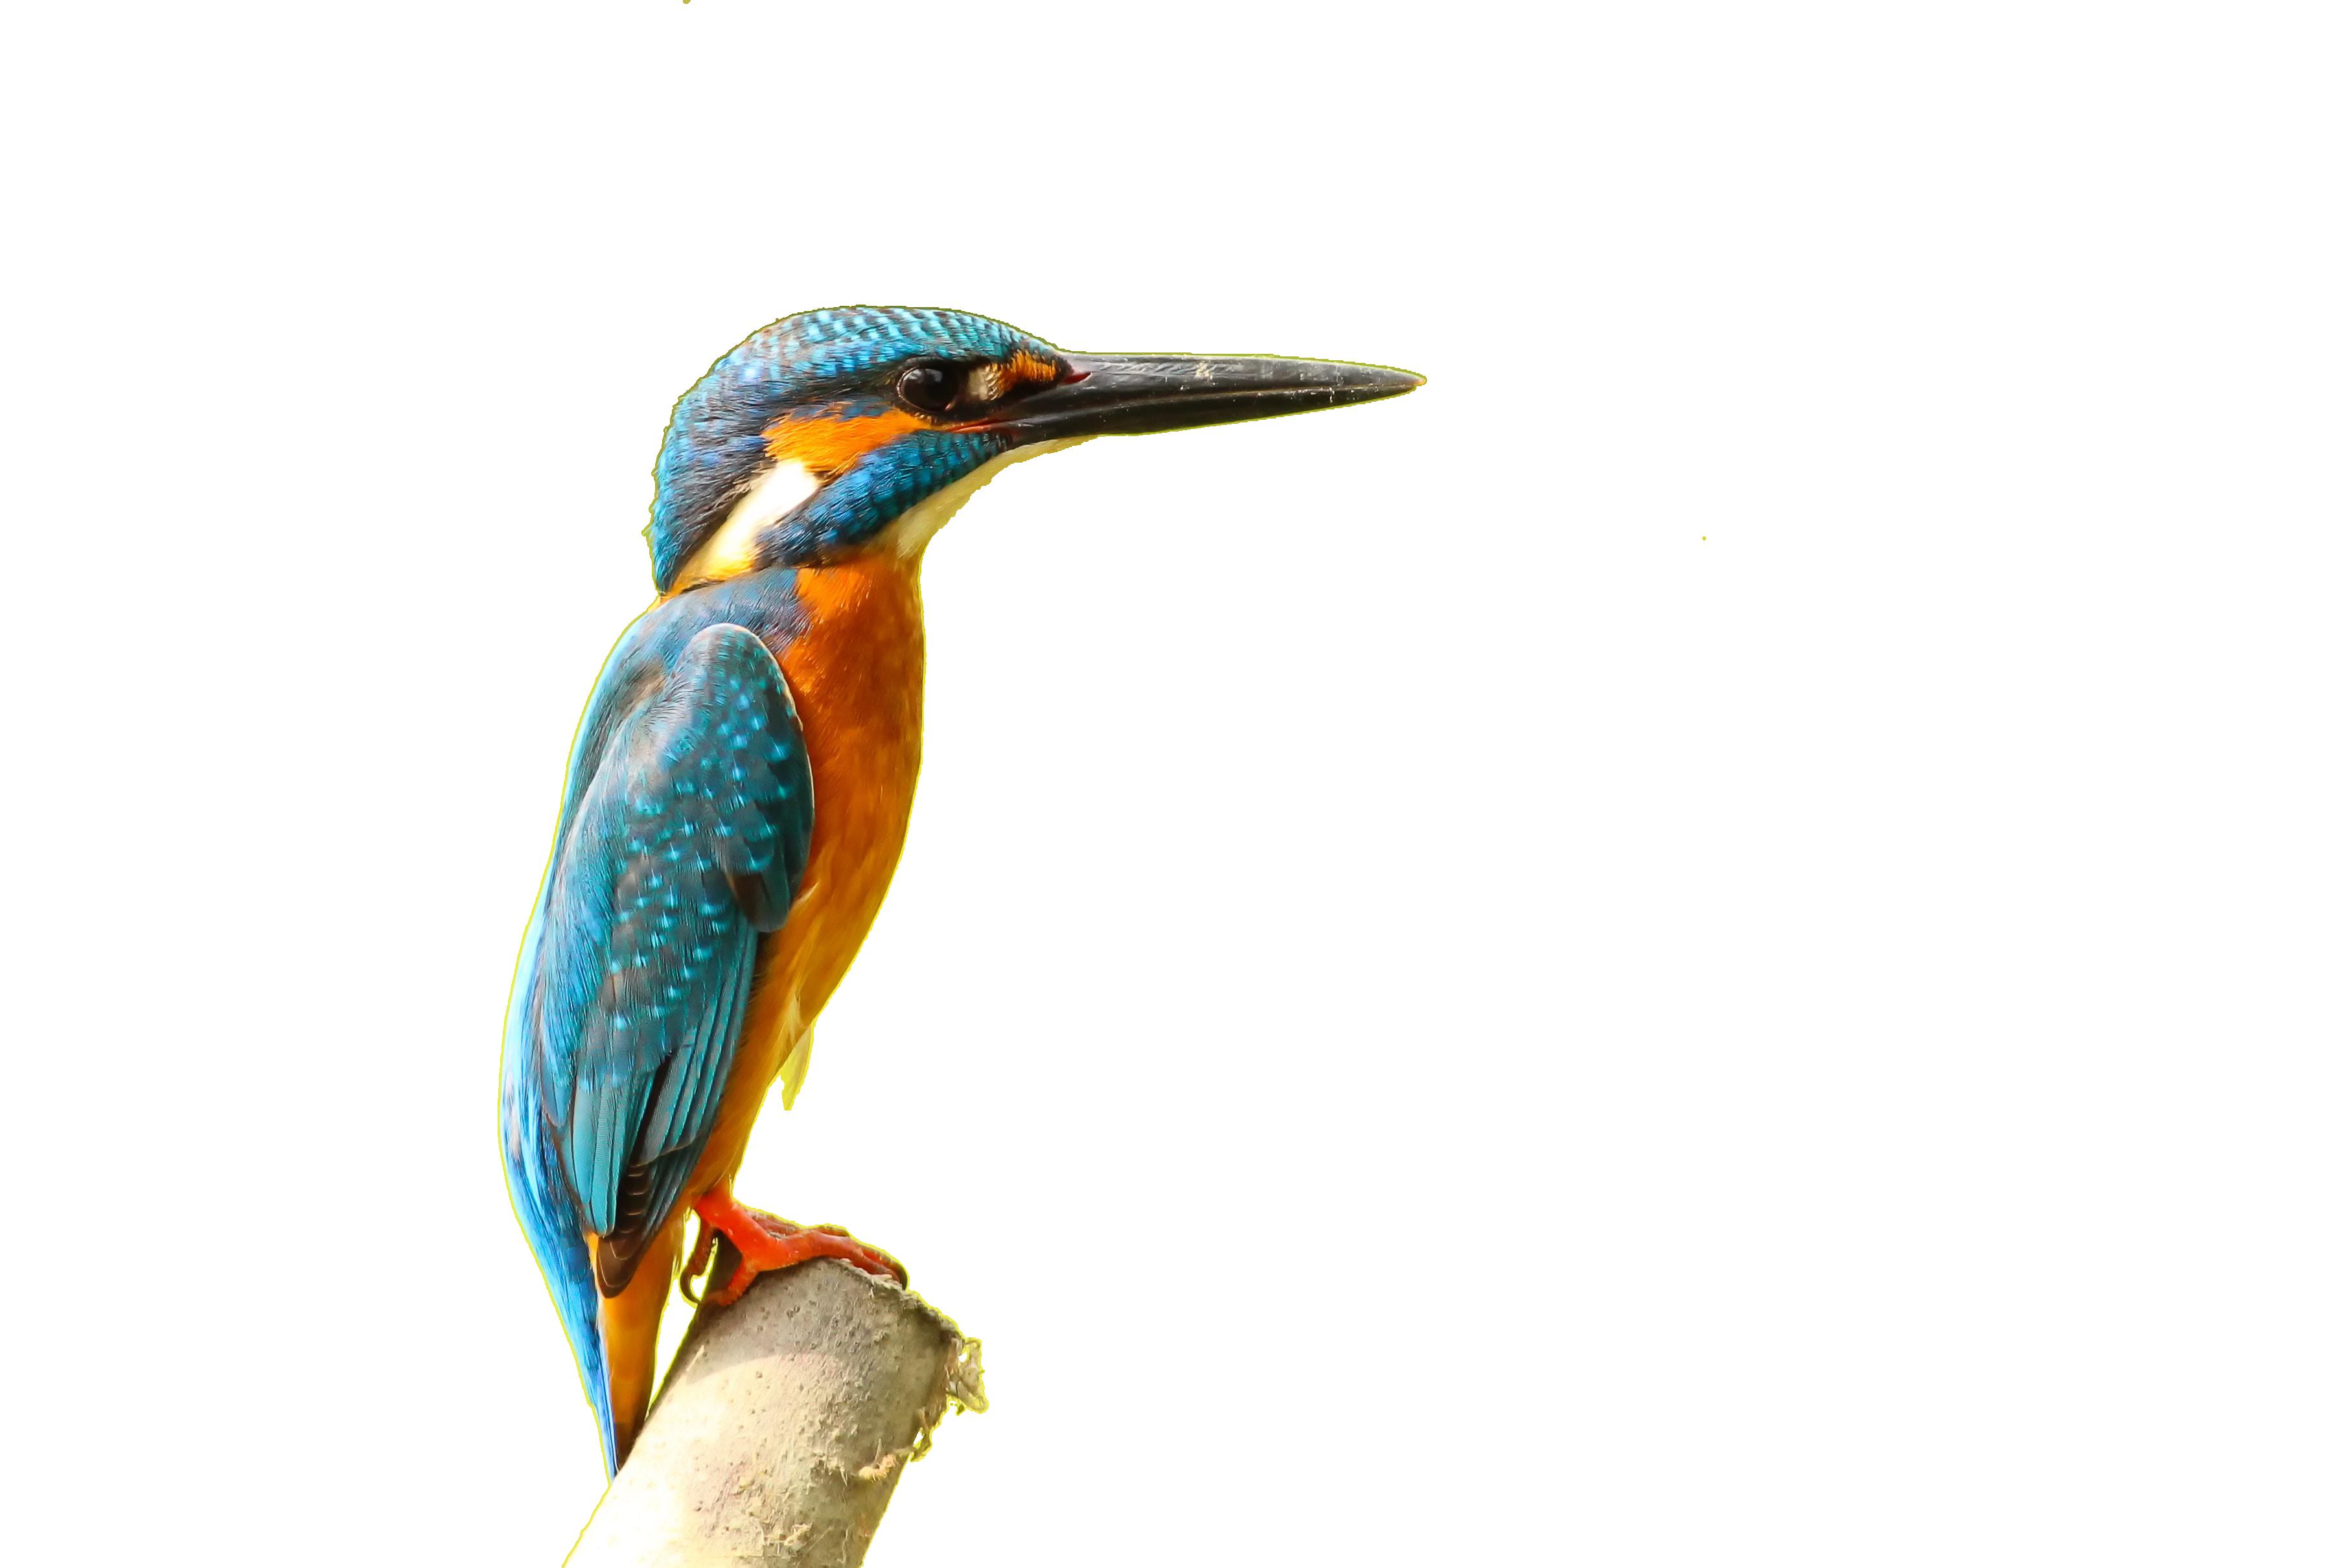 Blue And Orange Color Bird Transparent Background PNG